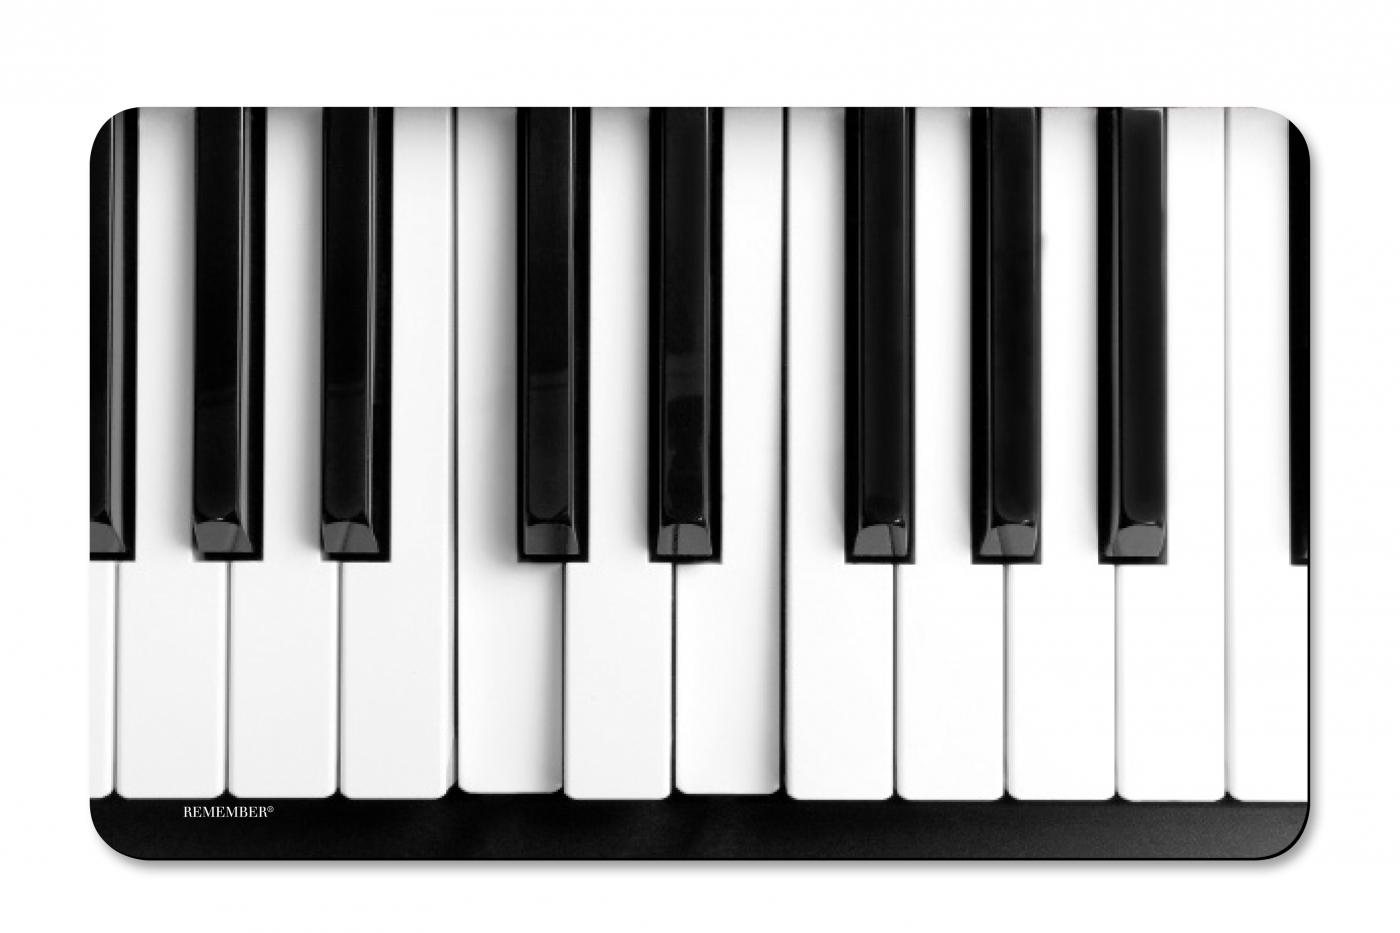 Prkénko umakartové Music, 24x14 cm, černá / bílá